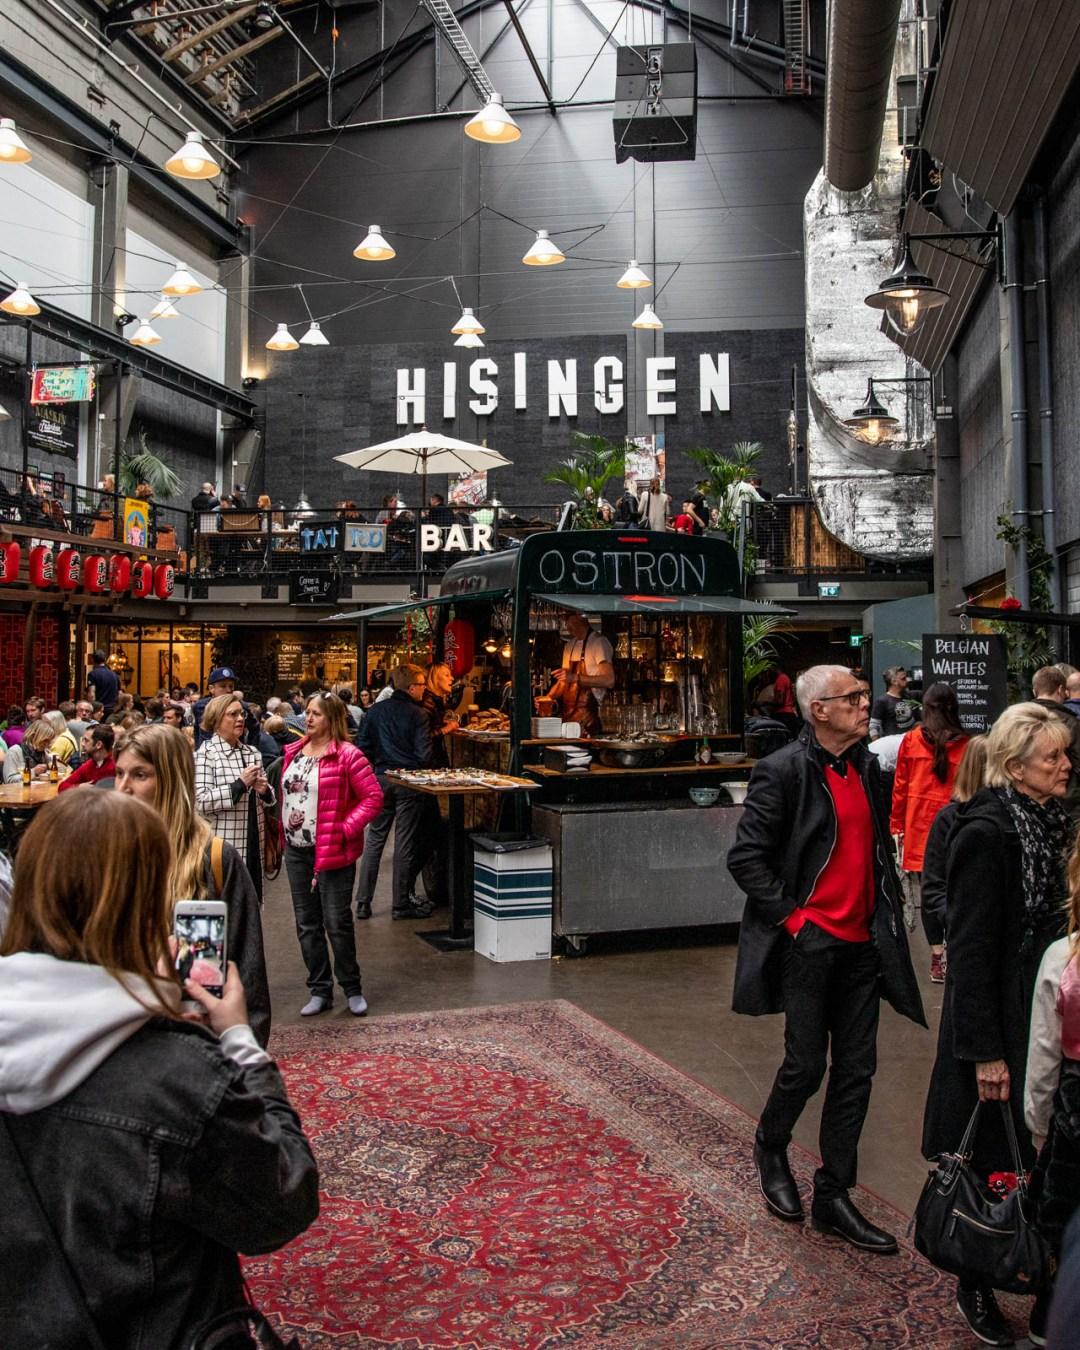 Lindholmen street food market